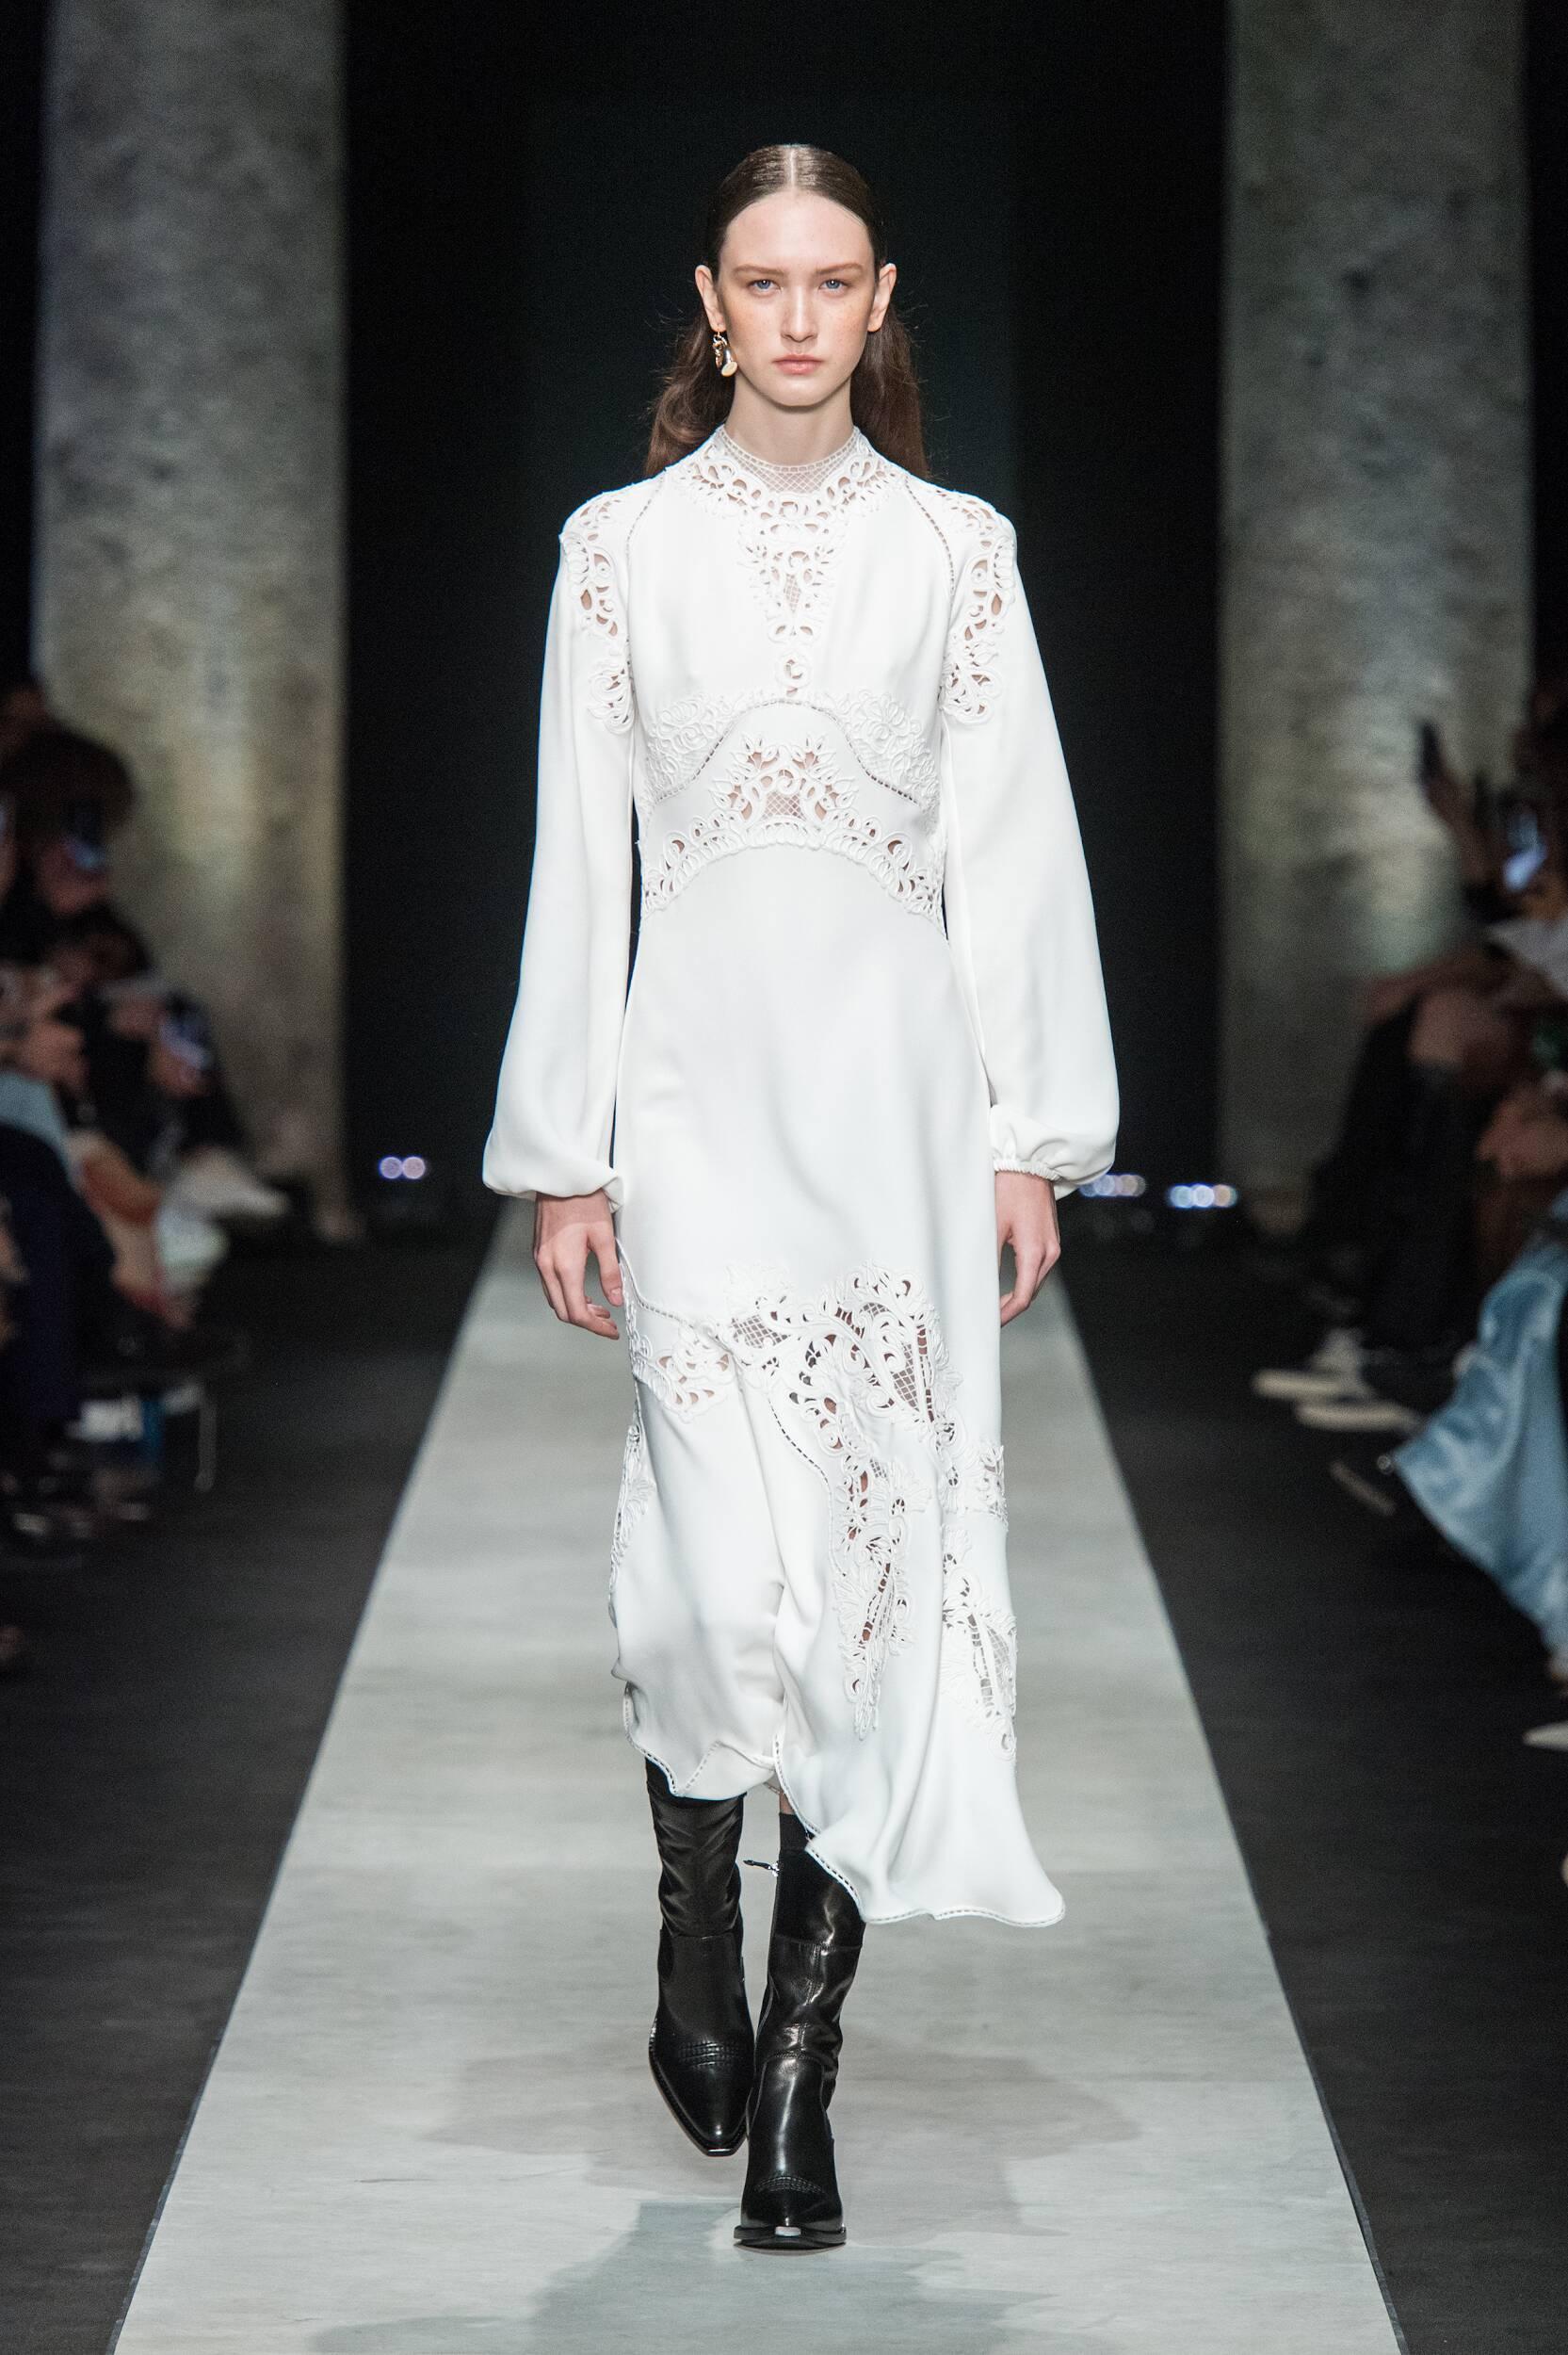 FW 2020-21 Ermanno Scervino Fashion Show